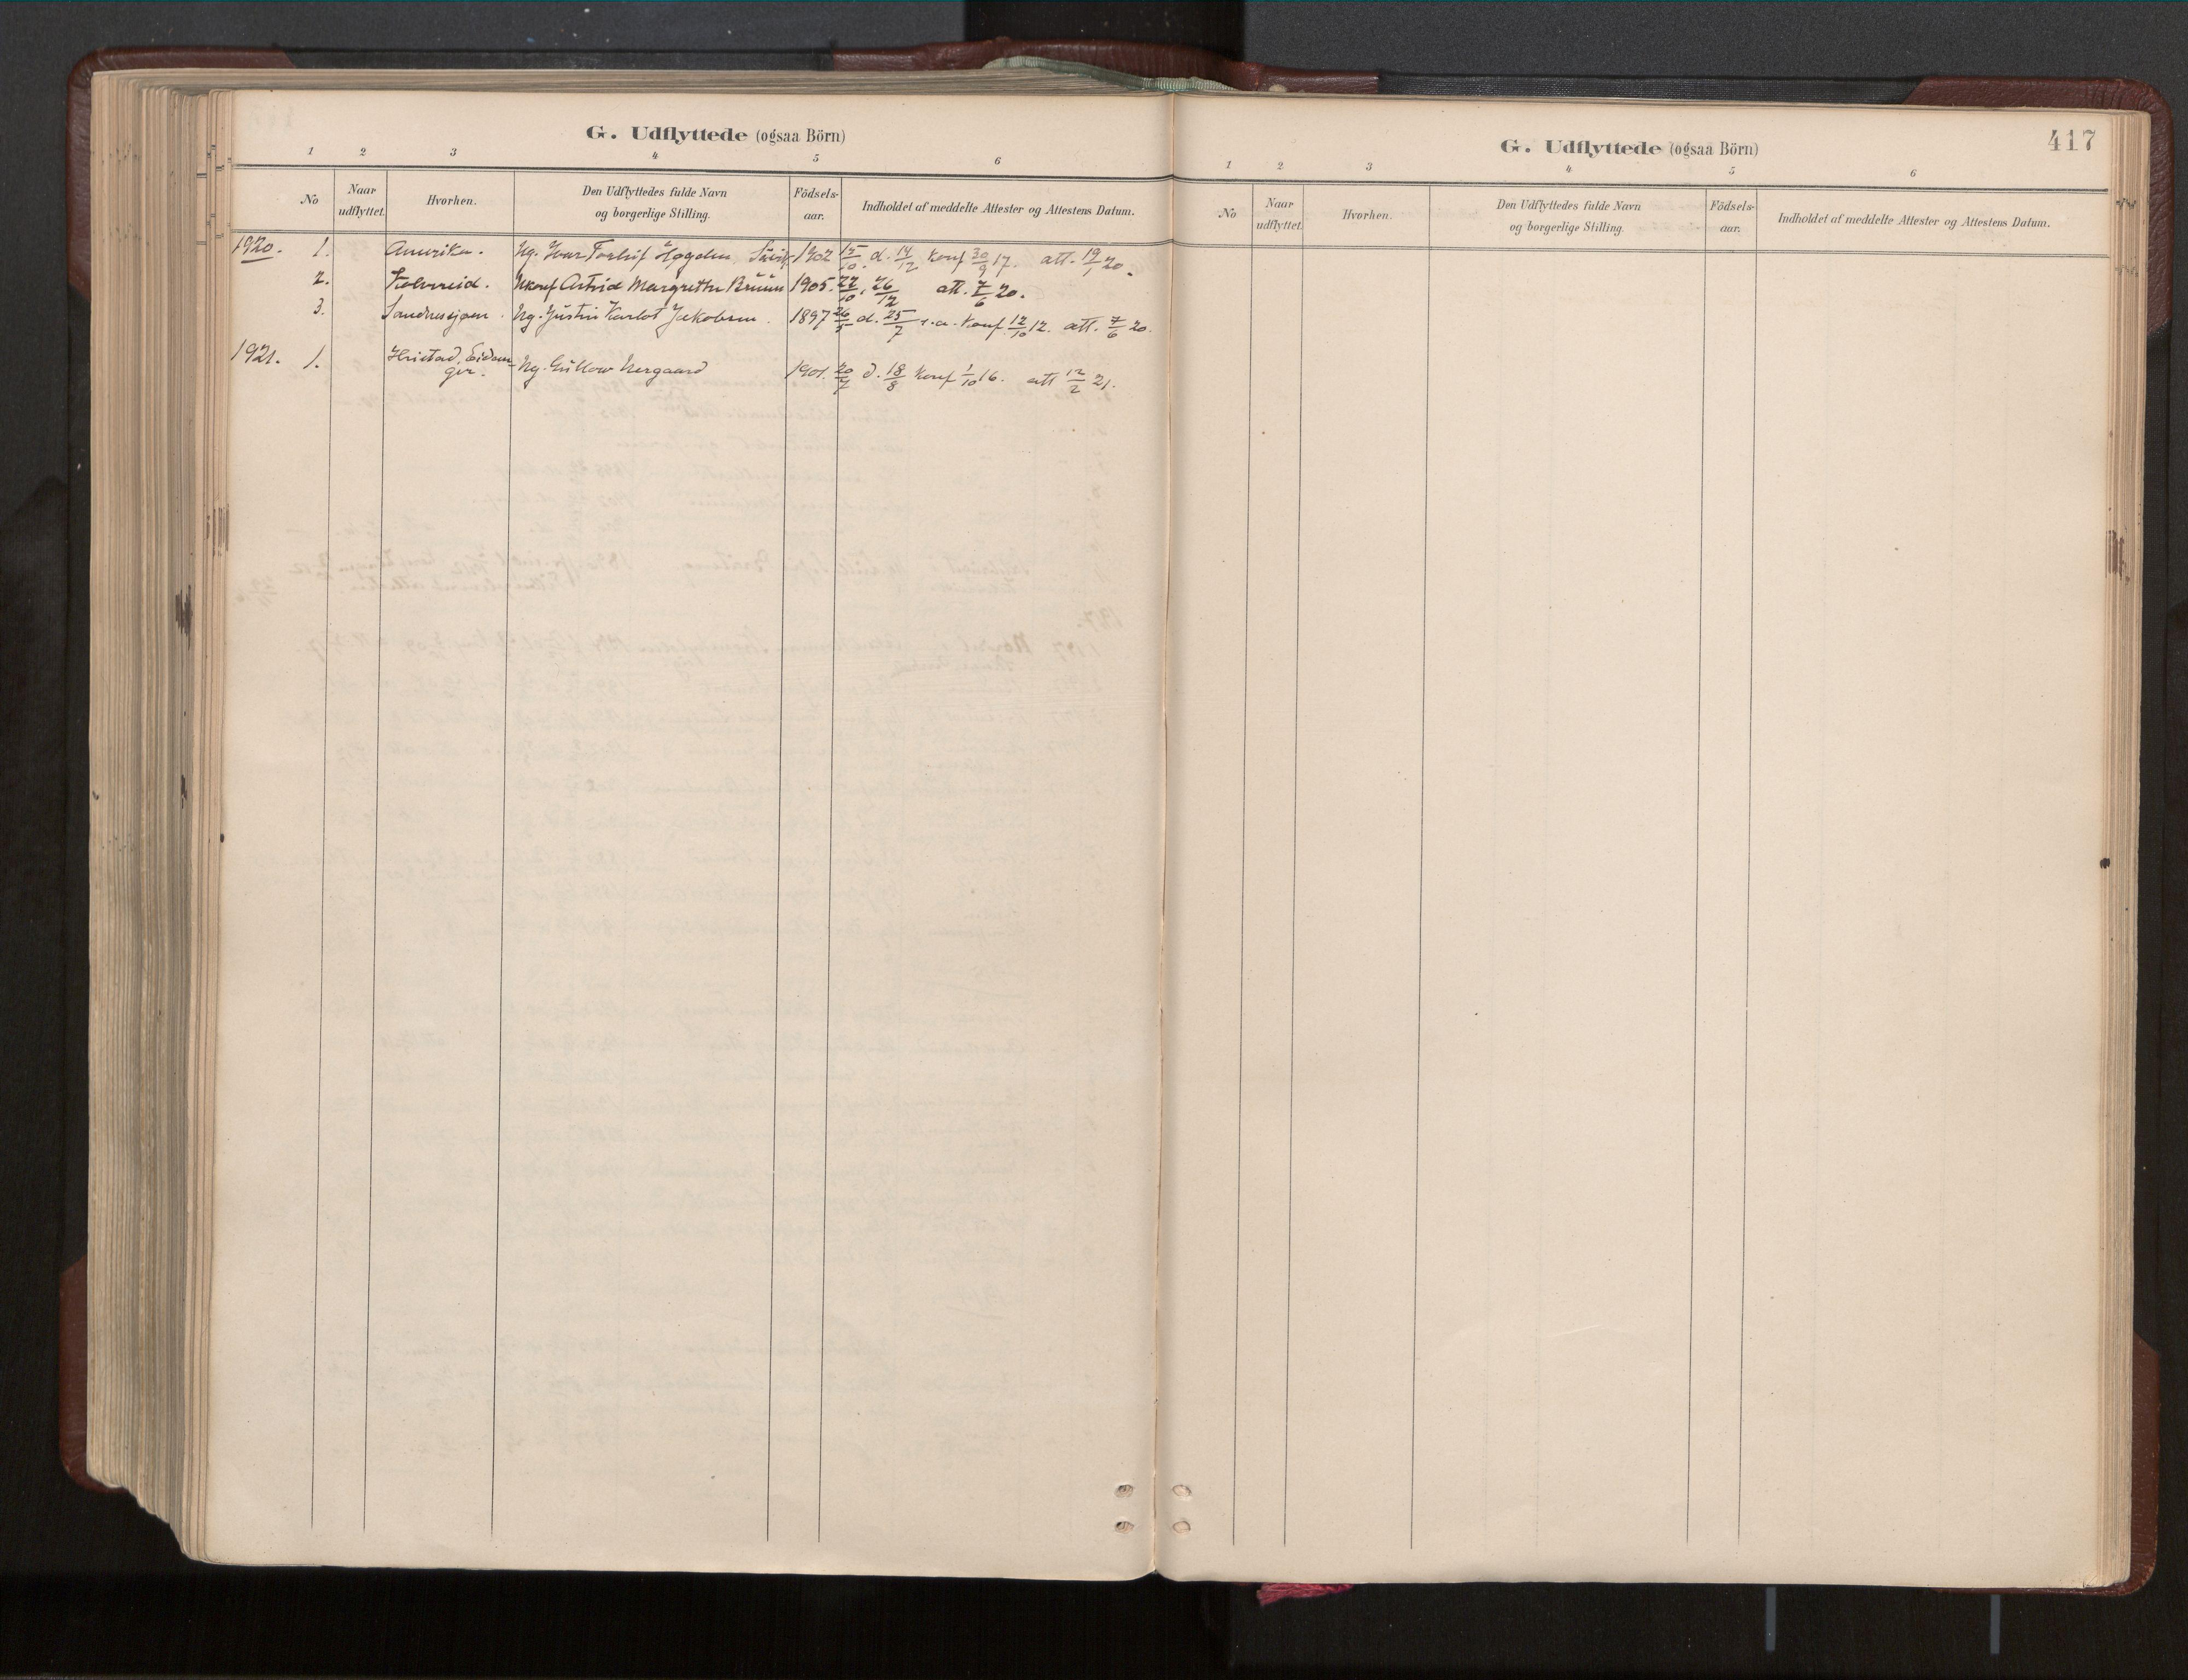 SAT, Ministerialprotokoller, klokkerbøker og fødselsregistre - Nord-Trøndelag, 770/L0589: Ministerialbok nr. 770A03, 1887-1929, s. 417